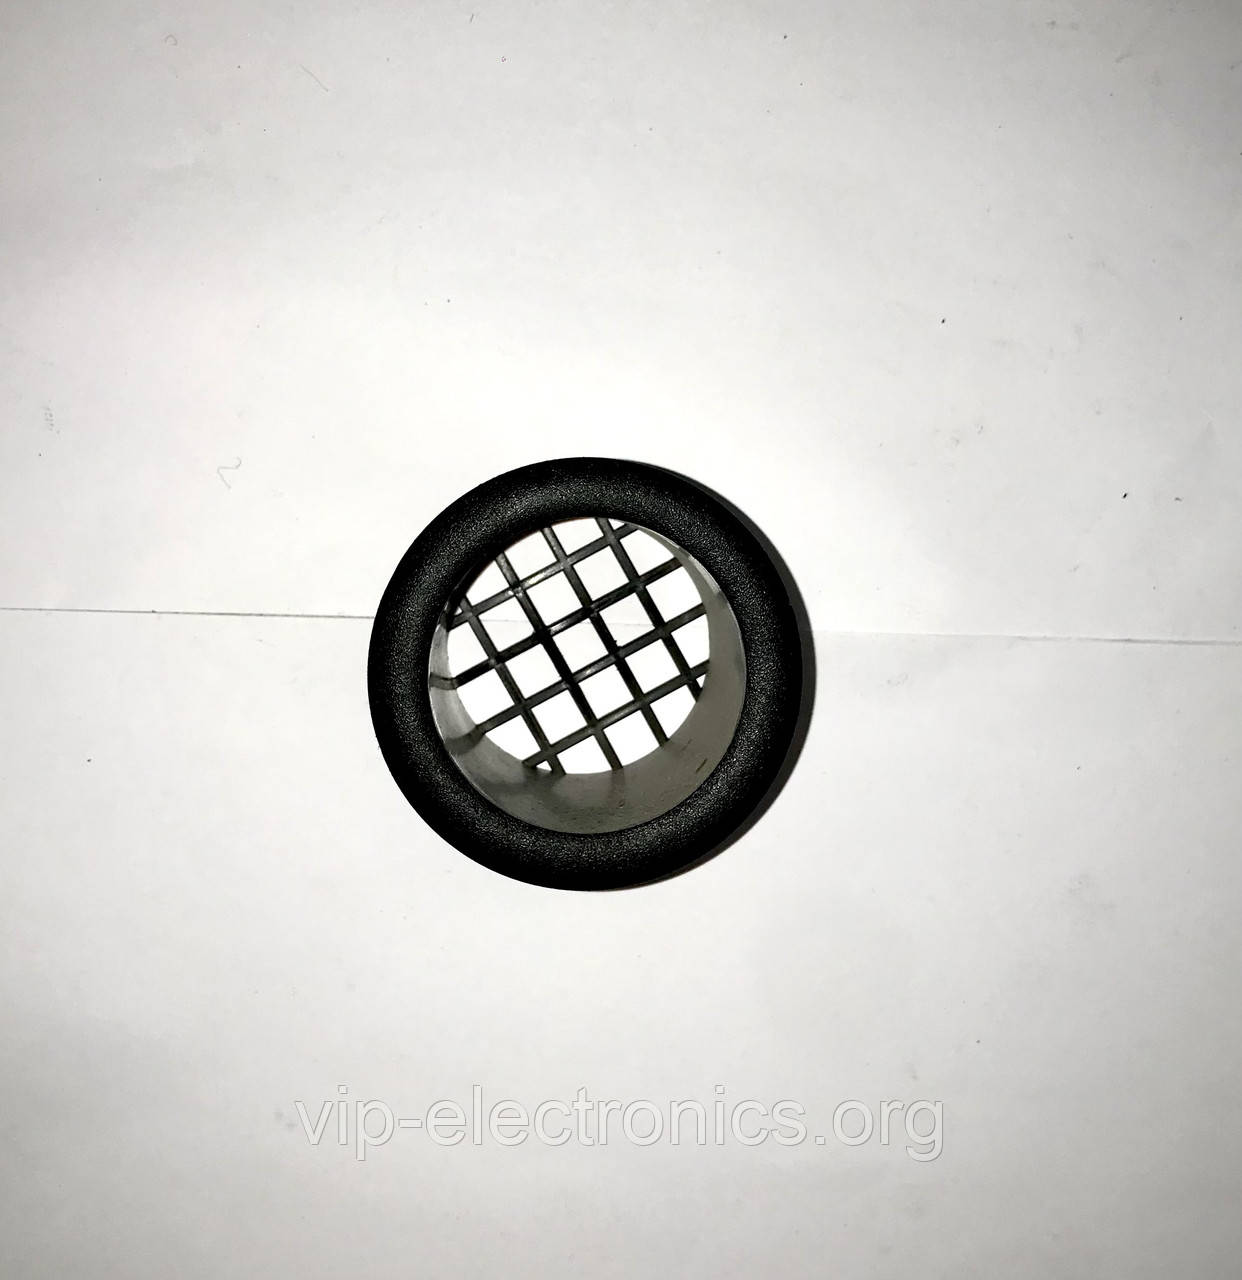 Фазоинвертор 5*5 (внутр. 4,7) пласт., з решіткою